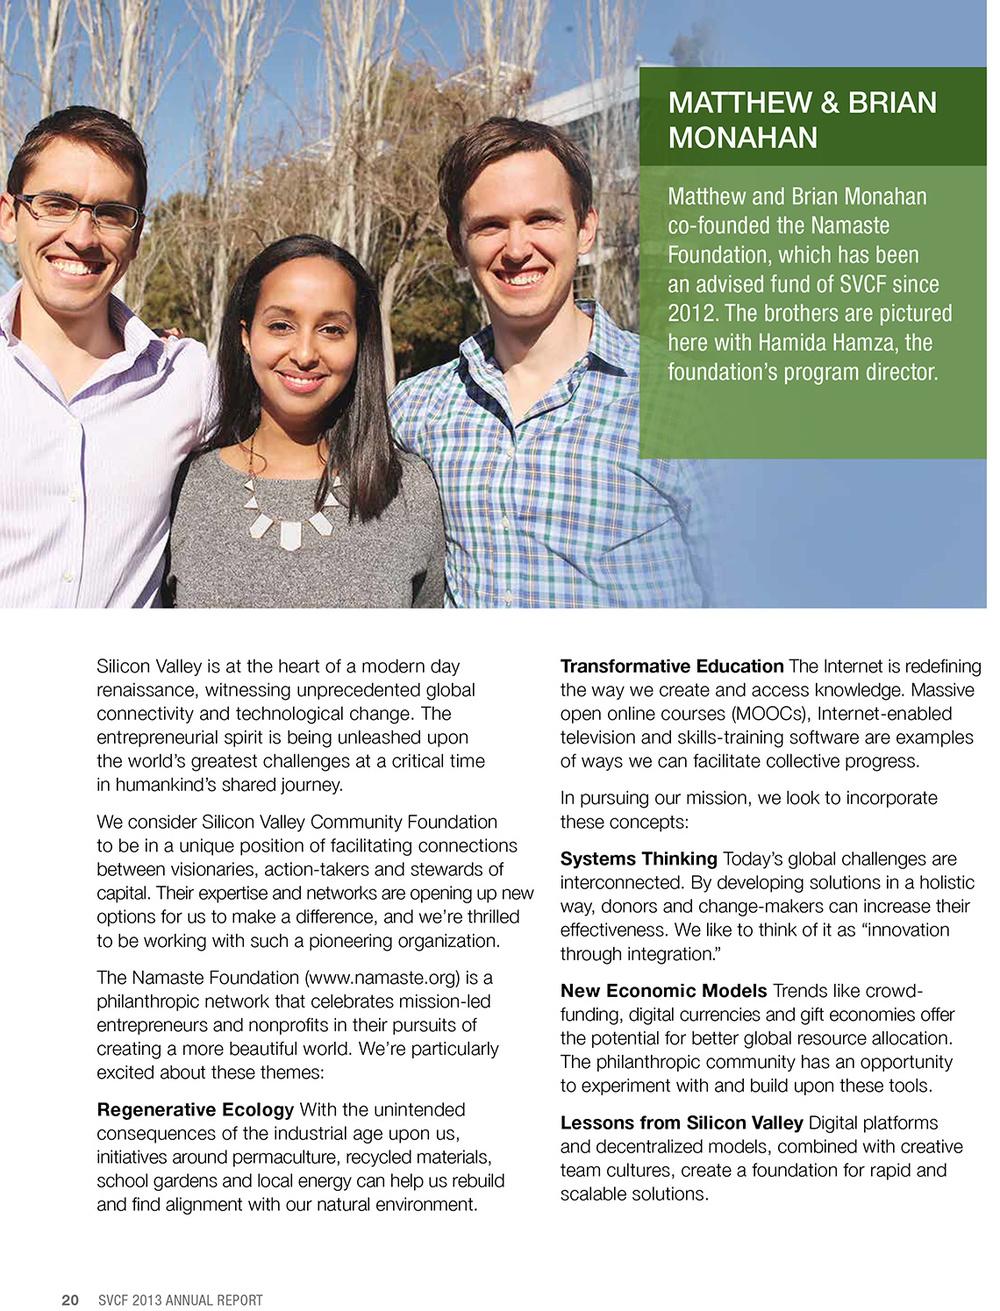 SVCF 2013 Annual Report